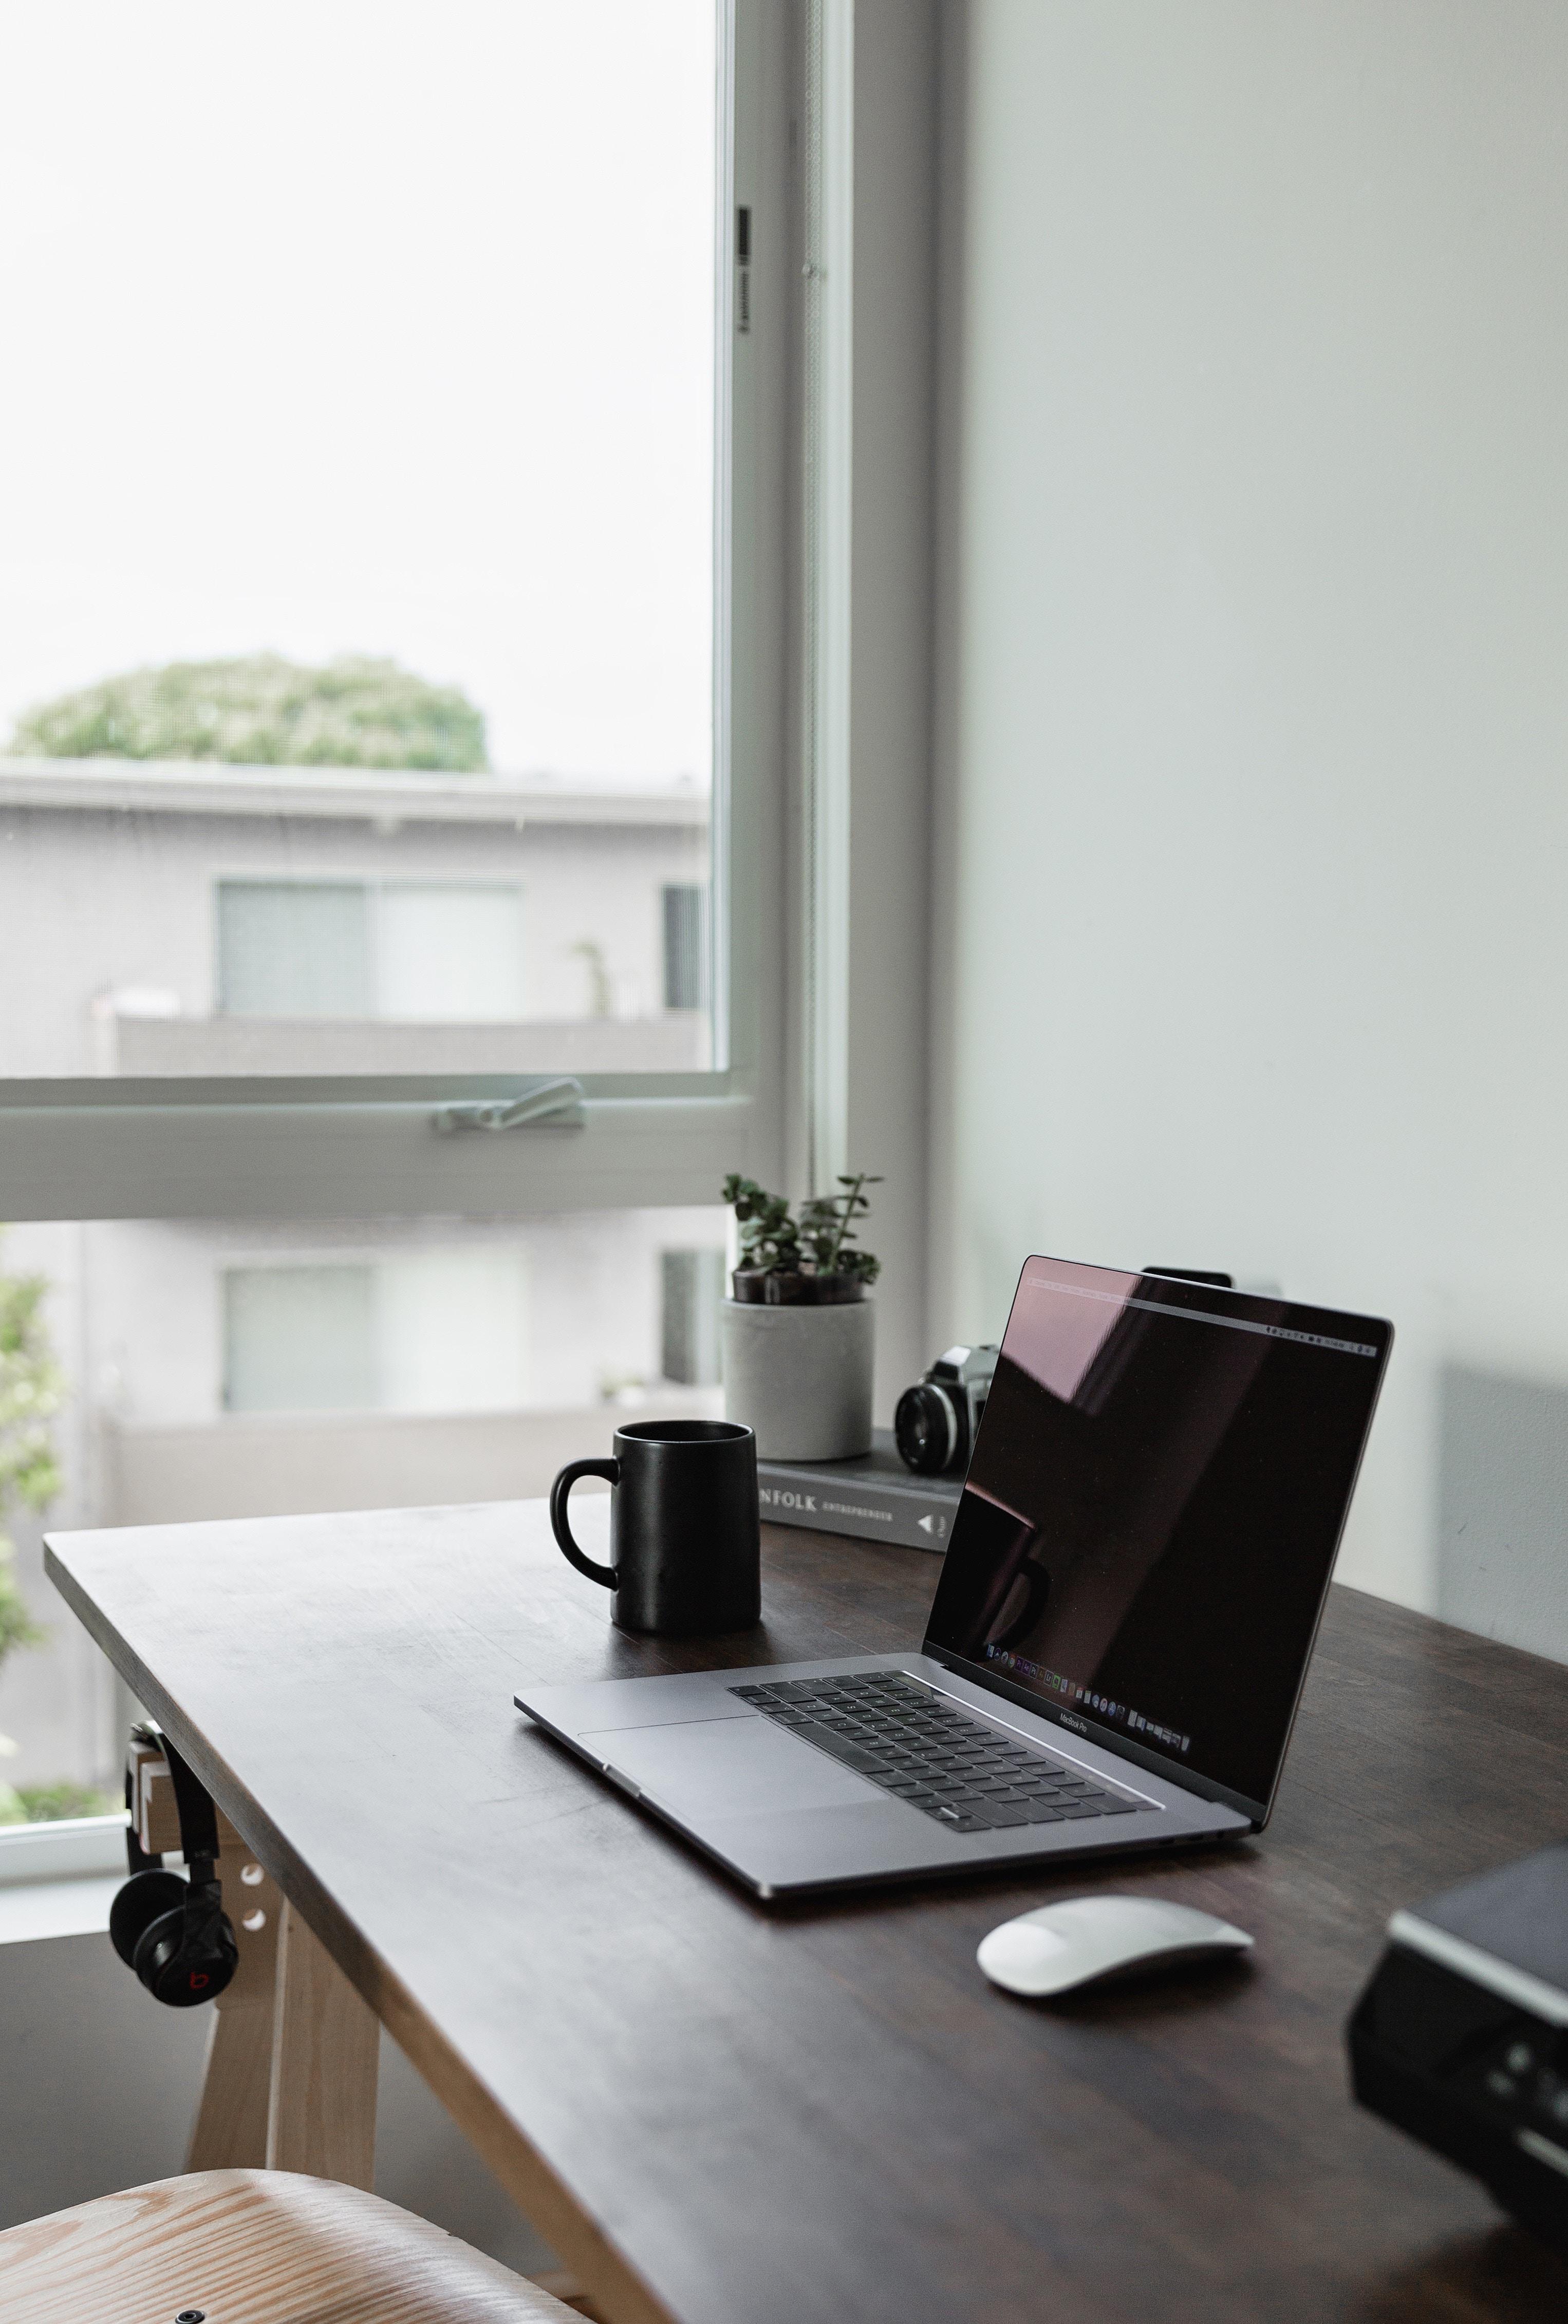 Description de Les nouvelles formes de travail conviennent-elles à tout le monde ?